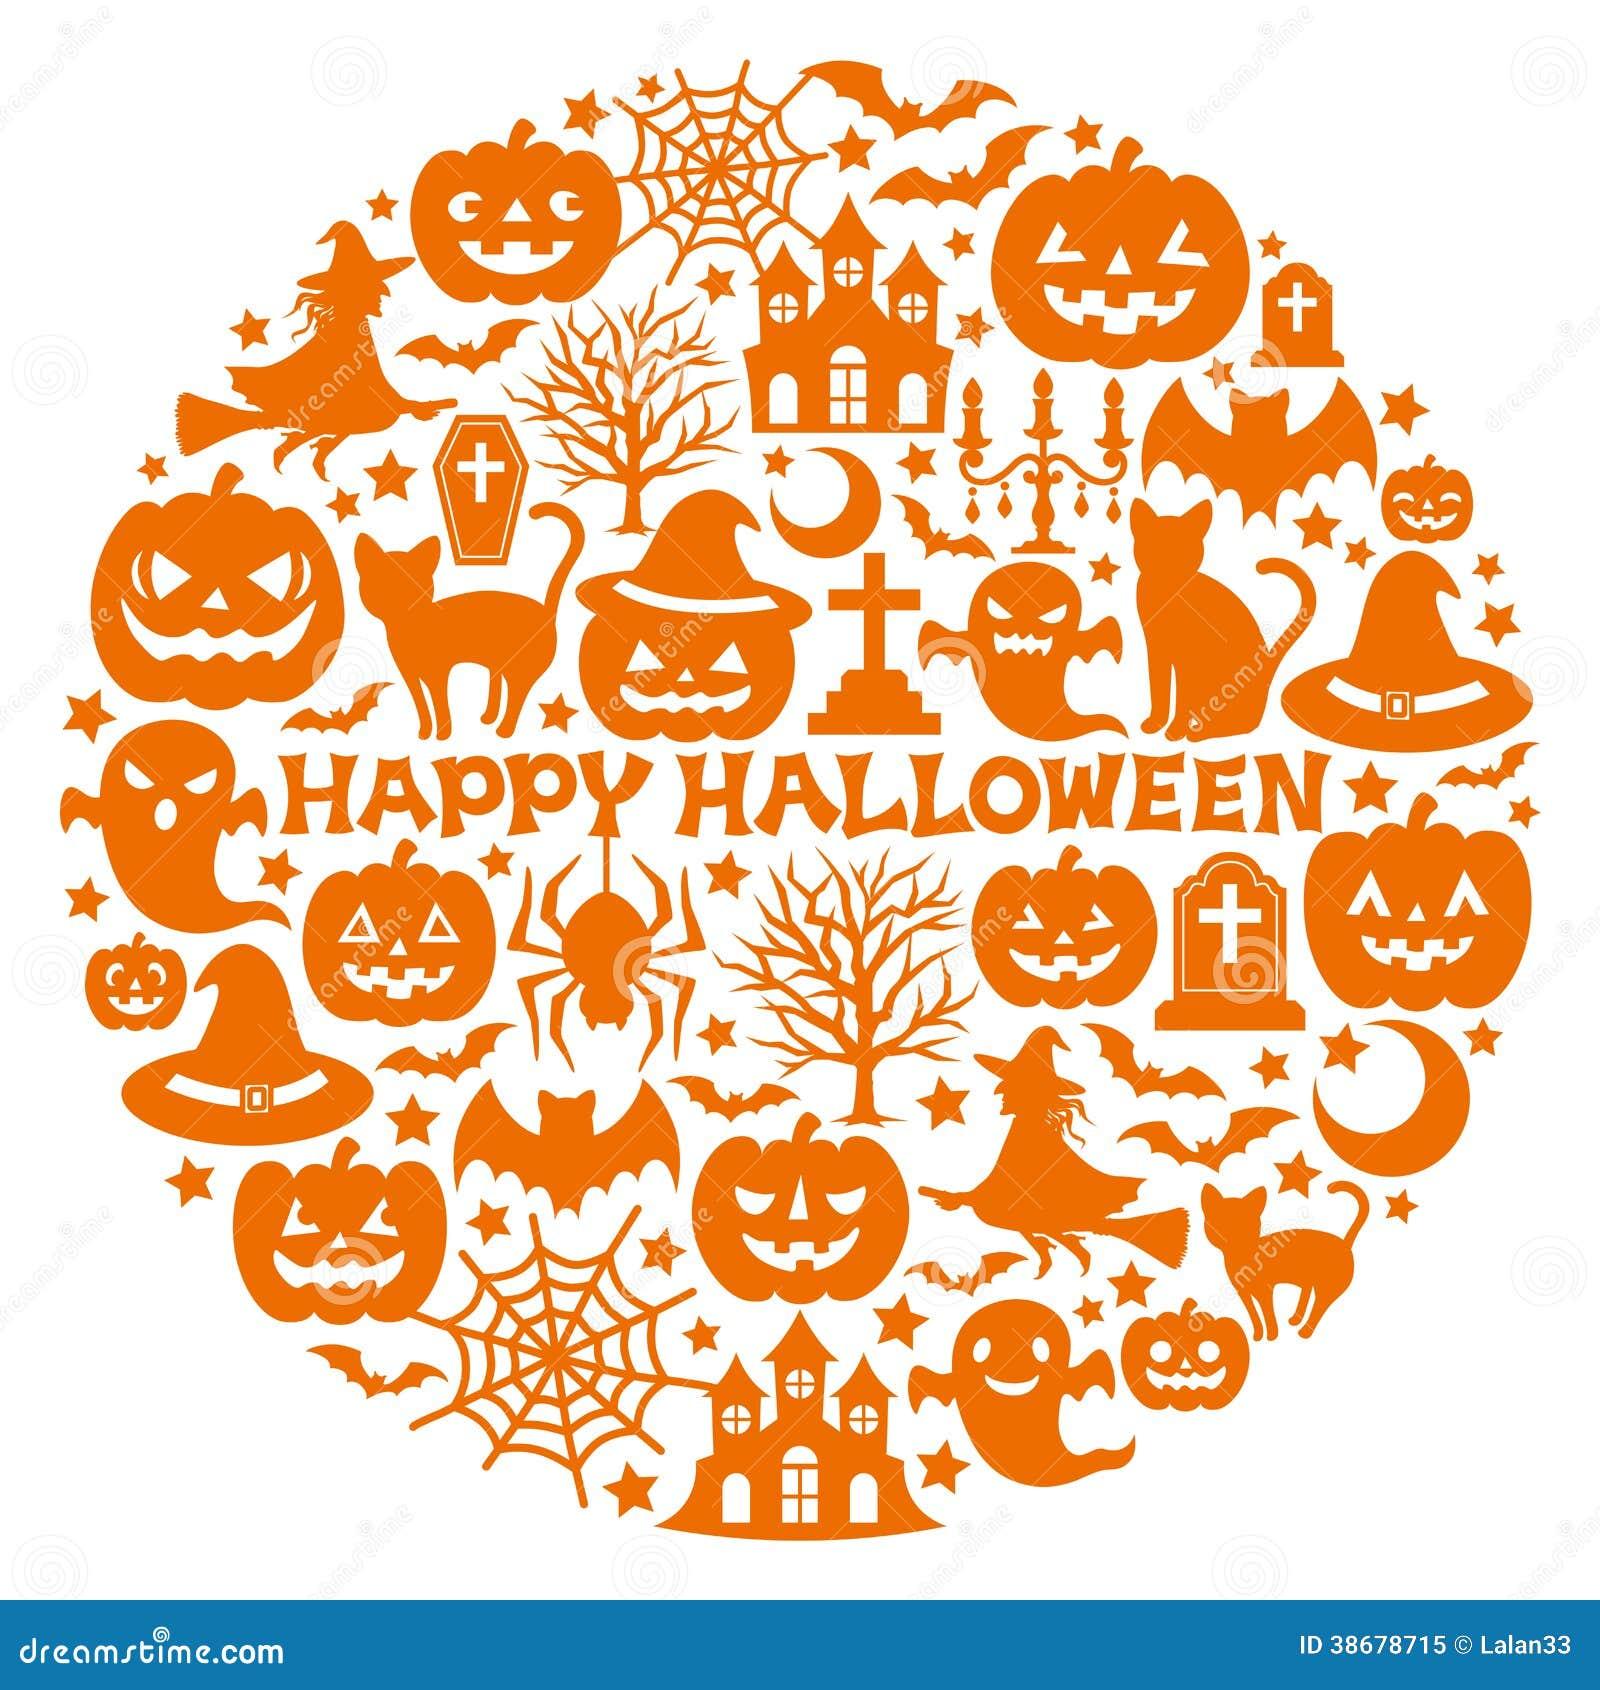 Halloweenowe ikony w okręgu.